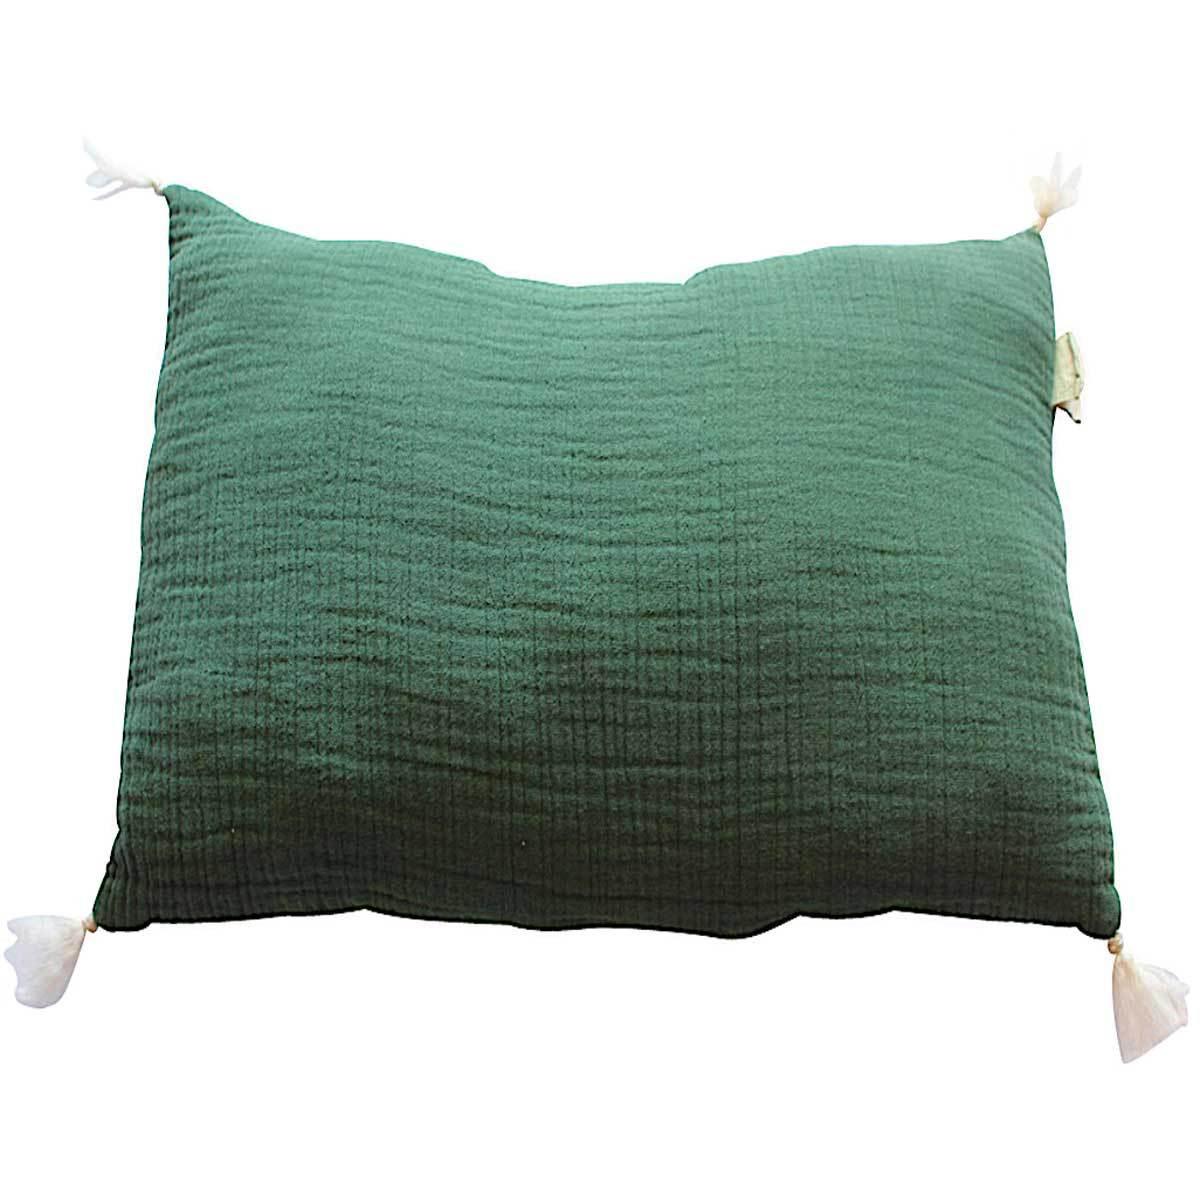 annabel kern petit coussin d houssable chlorophylle coussin annabel kern sur l 39 armoire de b b. Black Bedroom Furniture Sets. Home Design Ideas